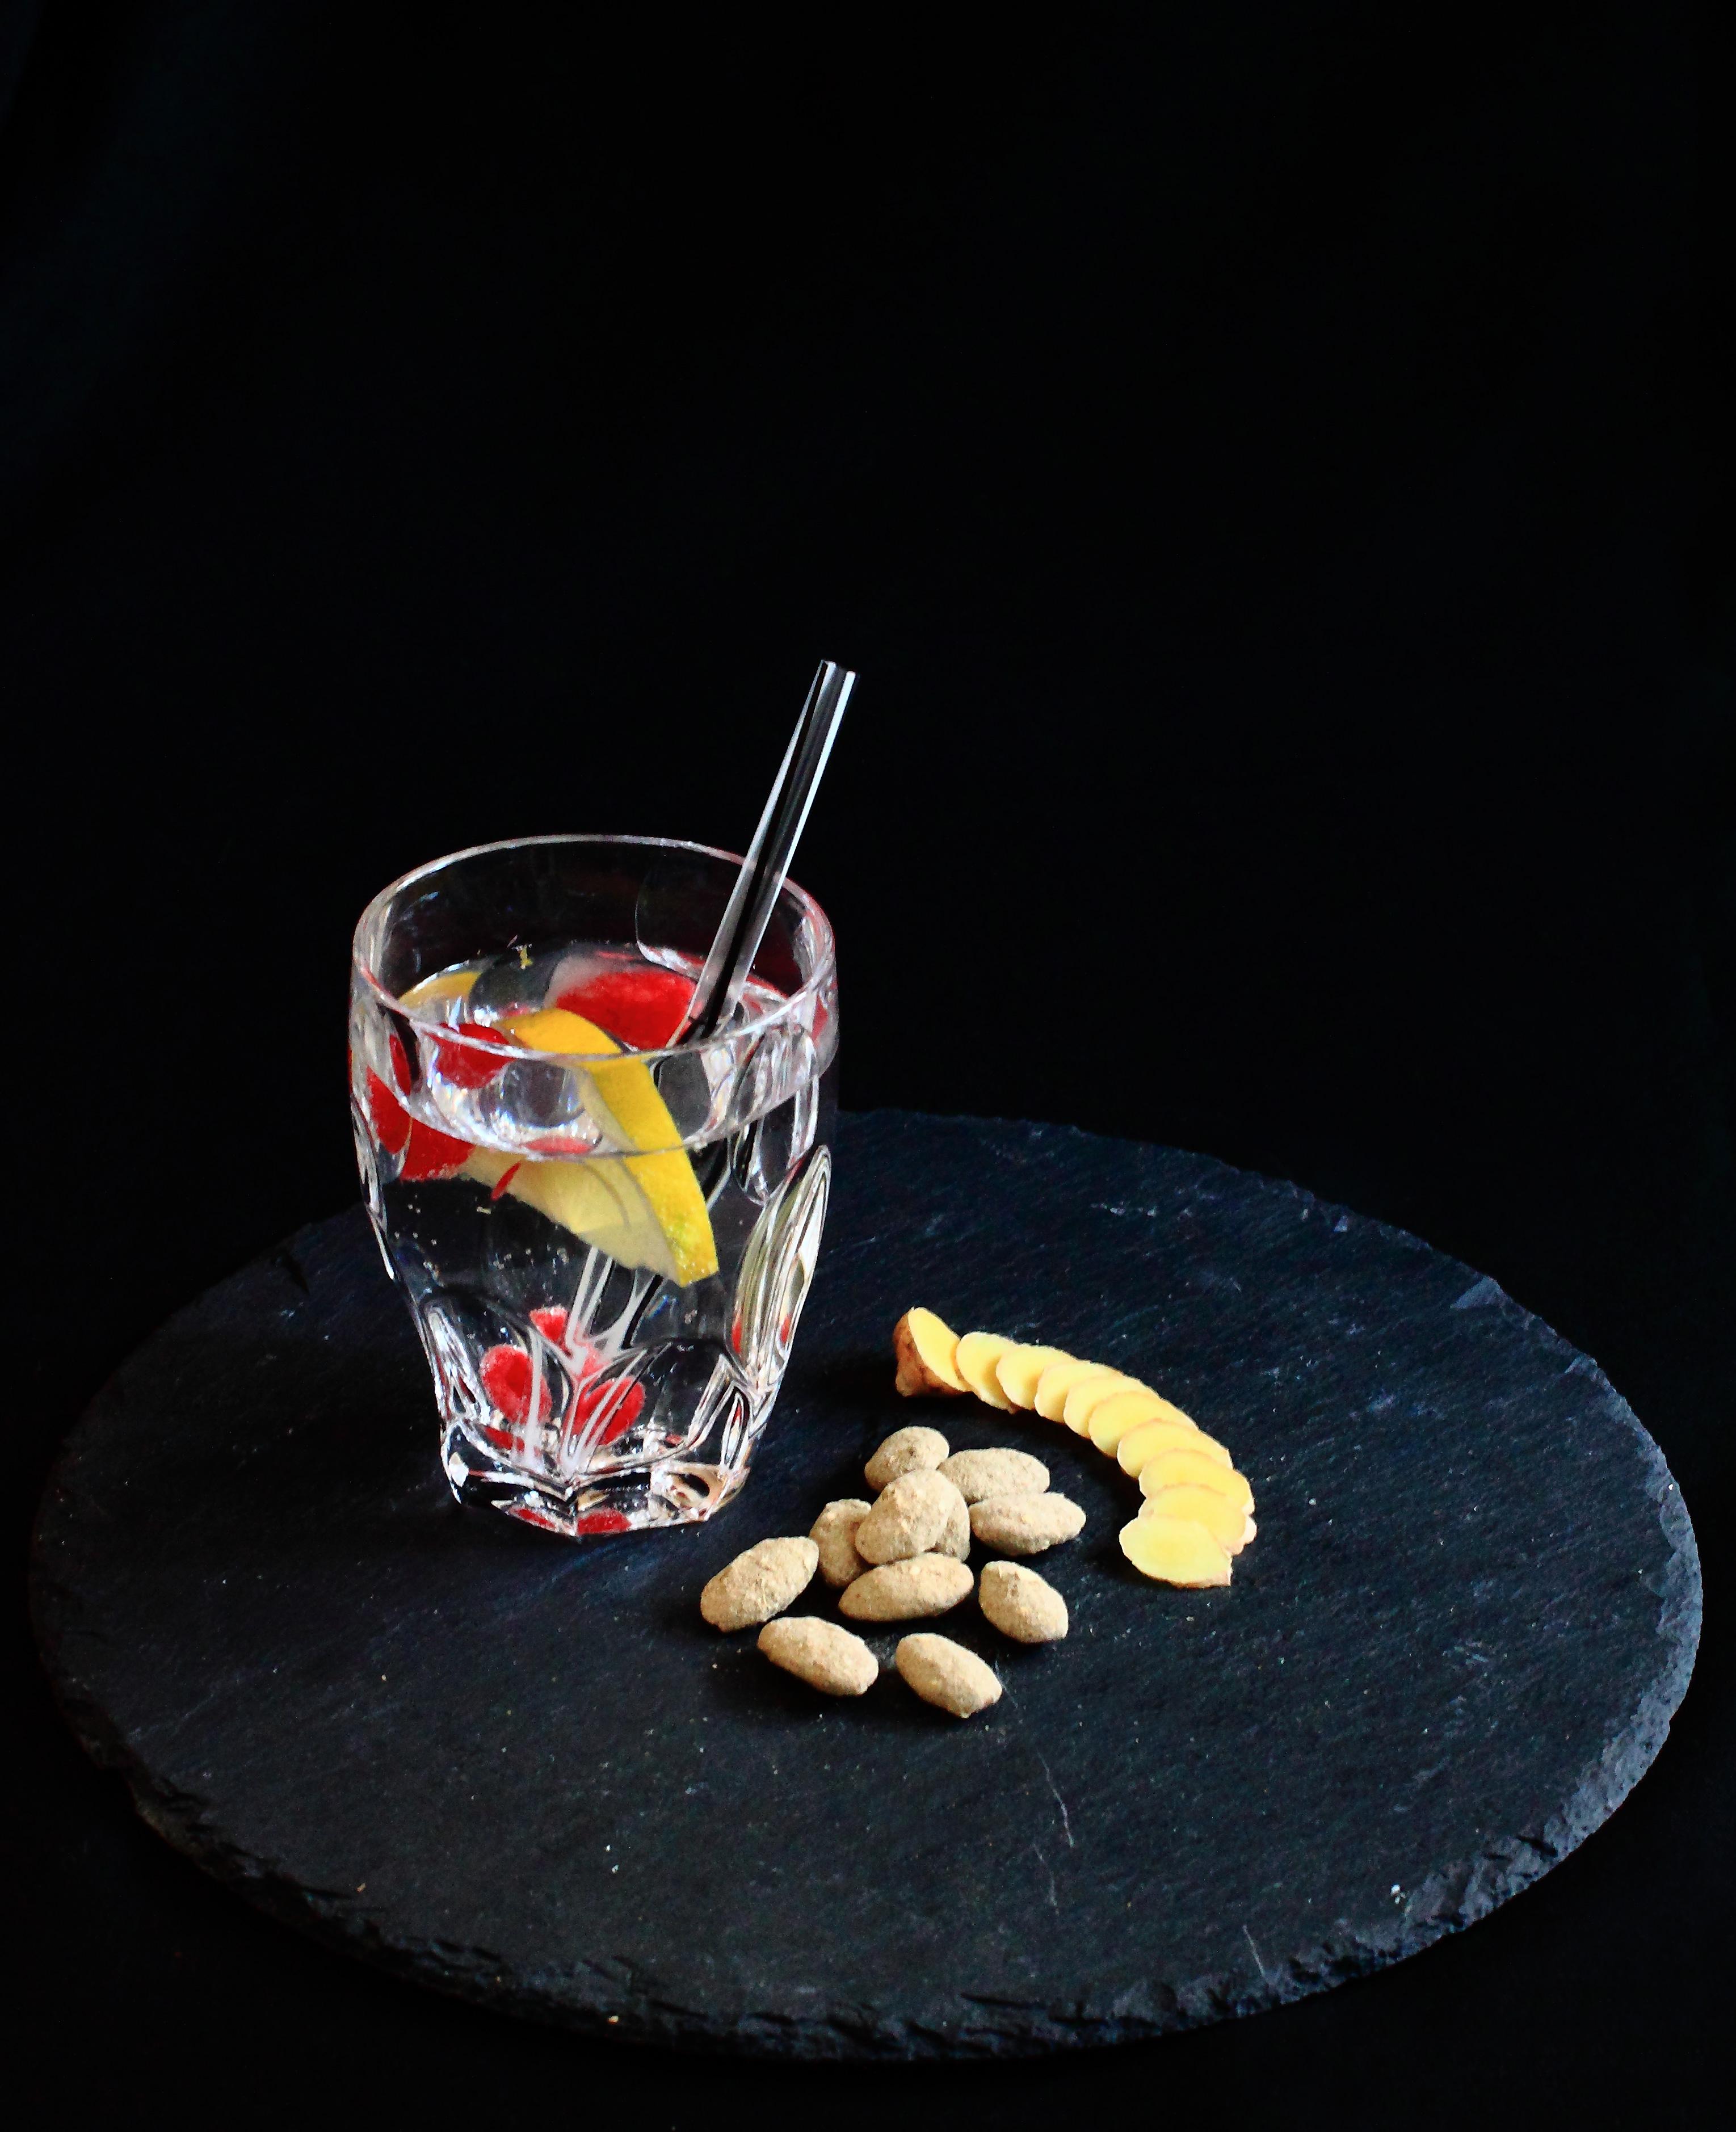 Gewürznüsse Rezept Yuis Morgentau mit Mandel, Cocktail und Ingwer